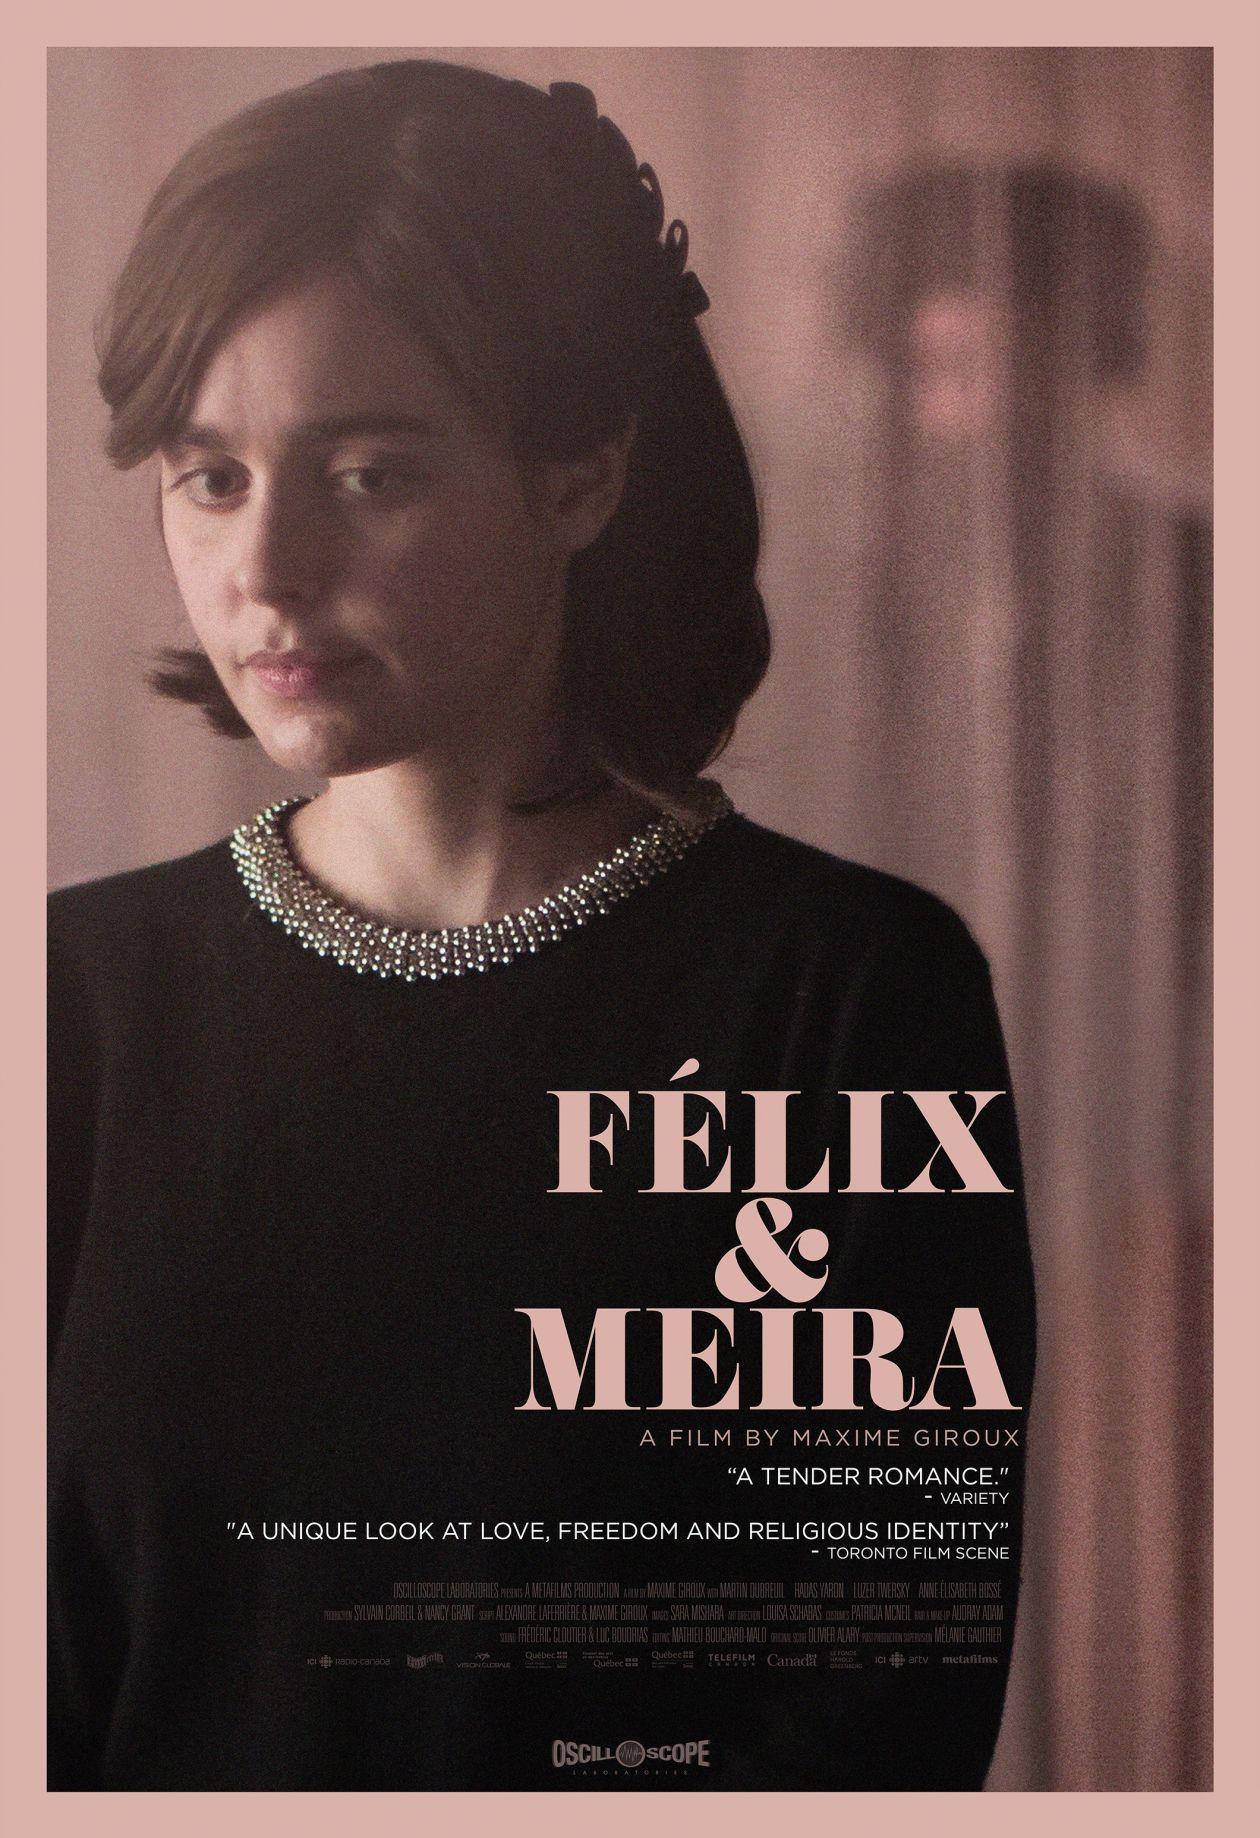 Hadas Yaron actress | Felix & Meira / Maxime Giroux 2014 / Movie Poster / Affiche film